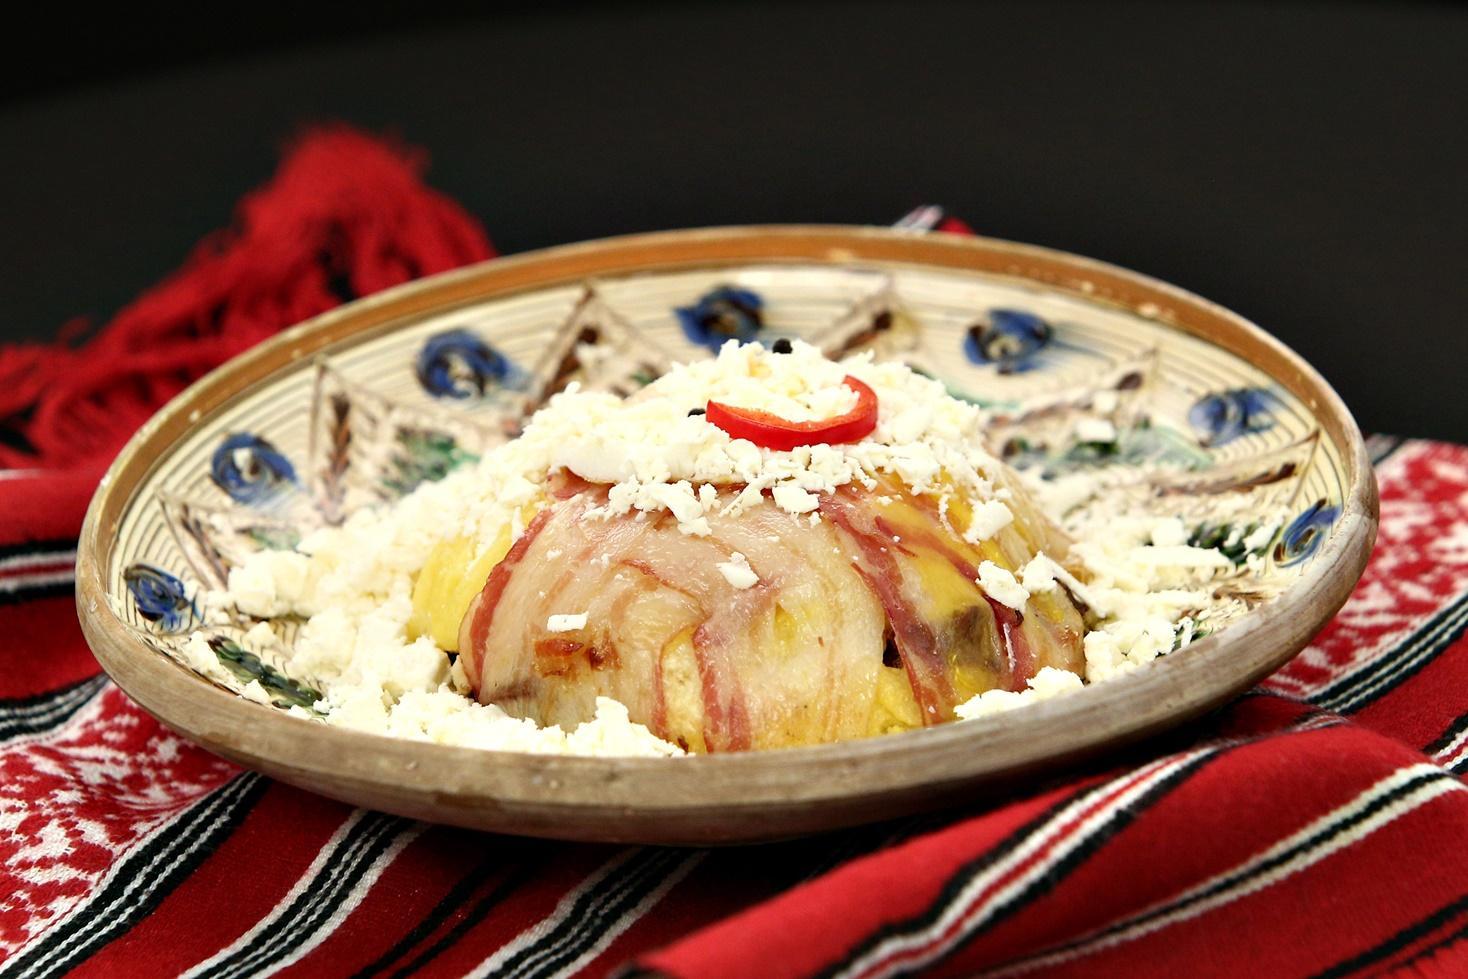 Rețetă de bulz cu brânză de burduf și cârnați afumați în manta de bacon afumat